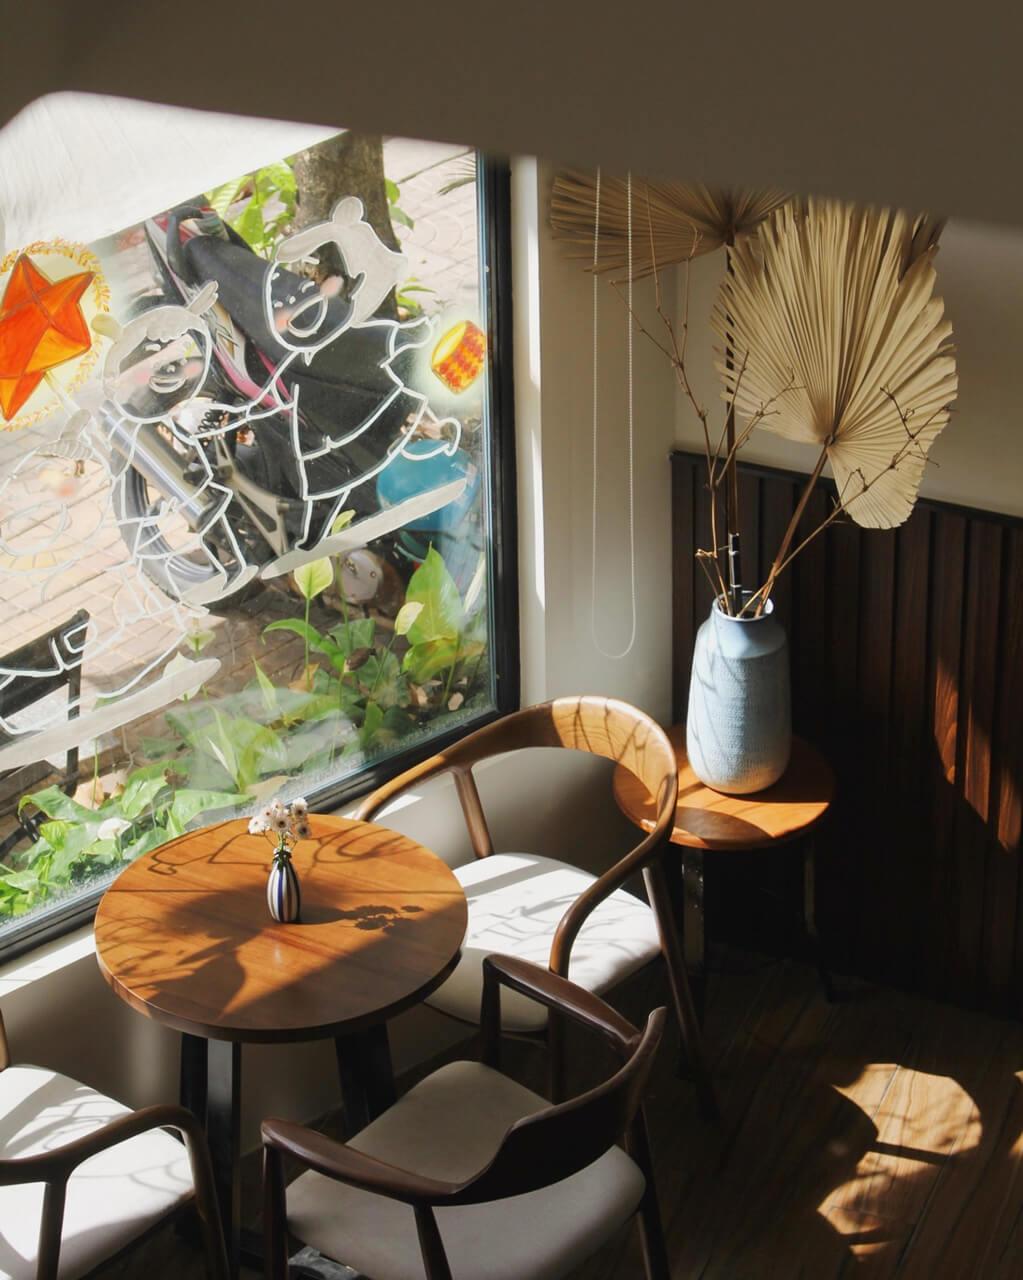 Góc ngồi ở tầng 1 Lily cafe Cần Thơ nhìn ra bờ hồ